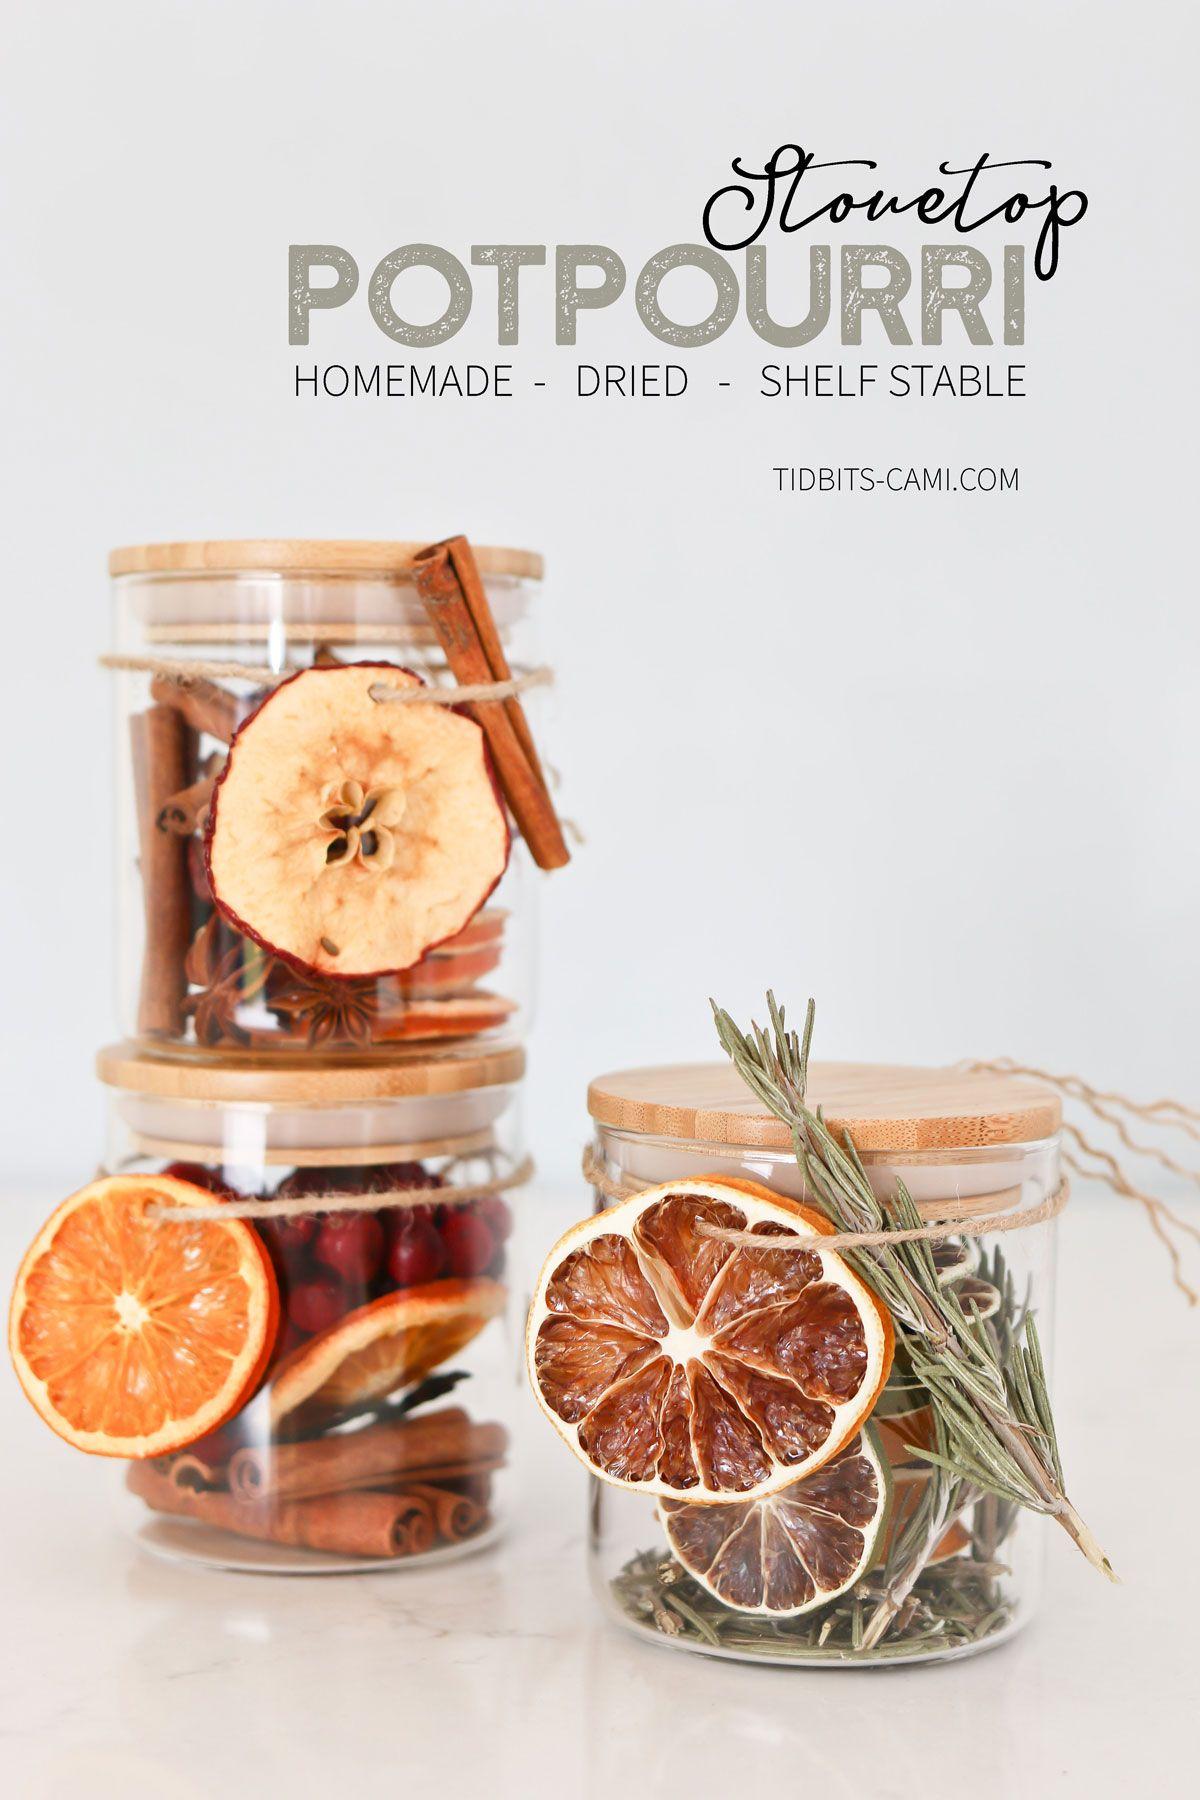 Homemade Dry Holiday Potpourri - Tidbits